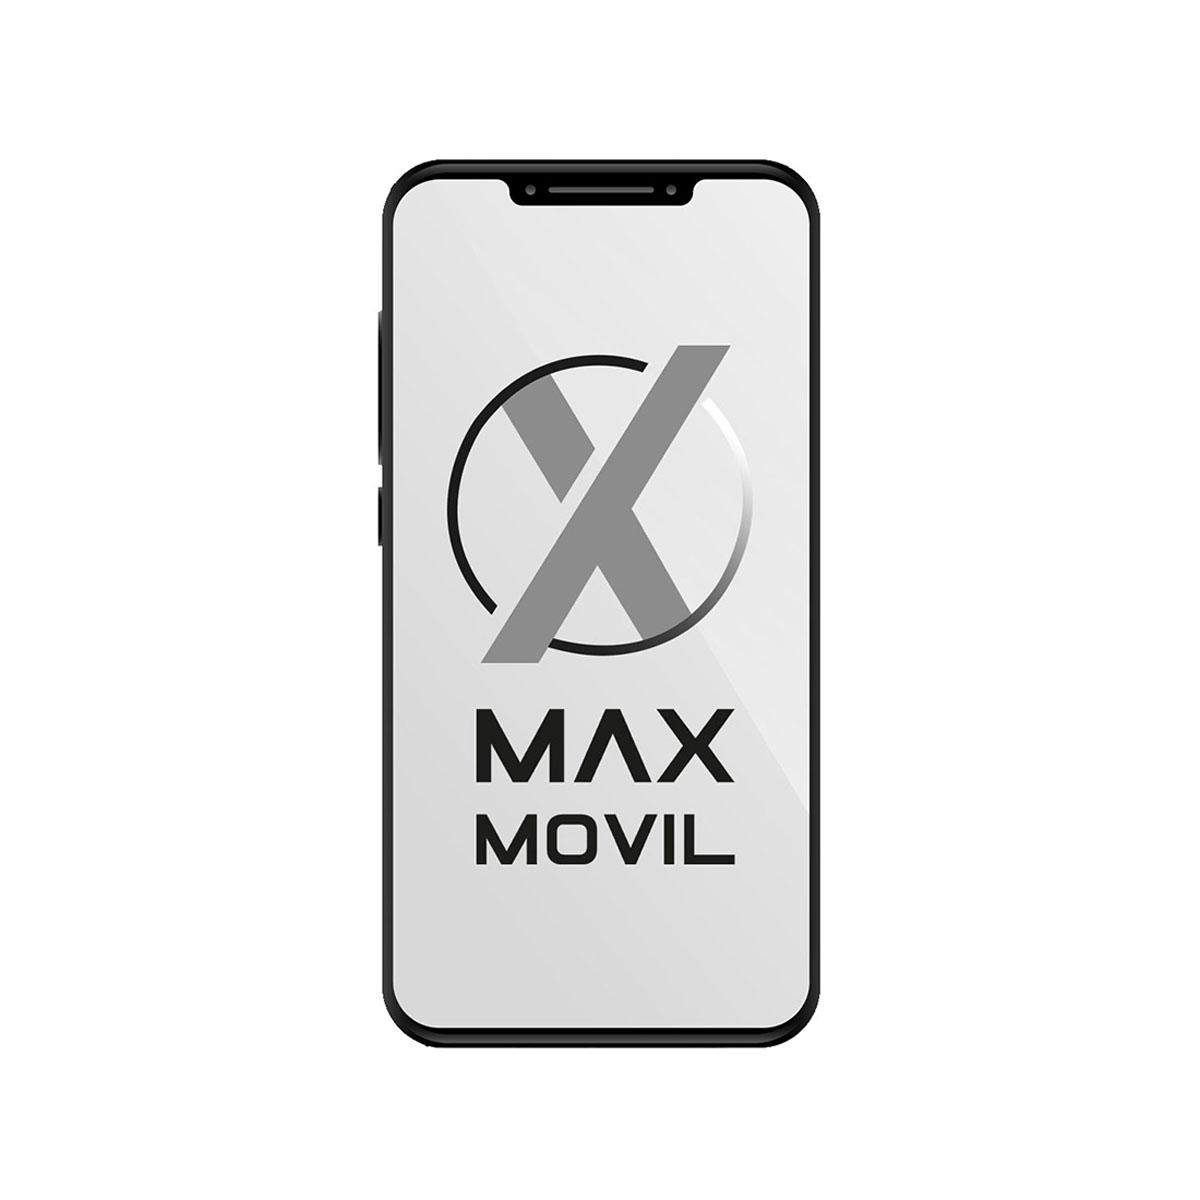 Protector de pantalla MAX 4 3G